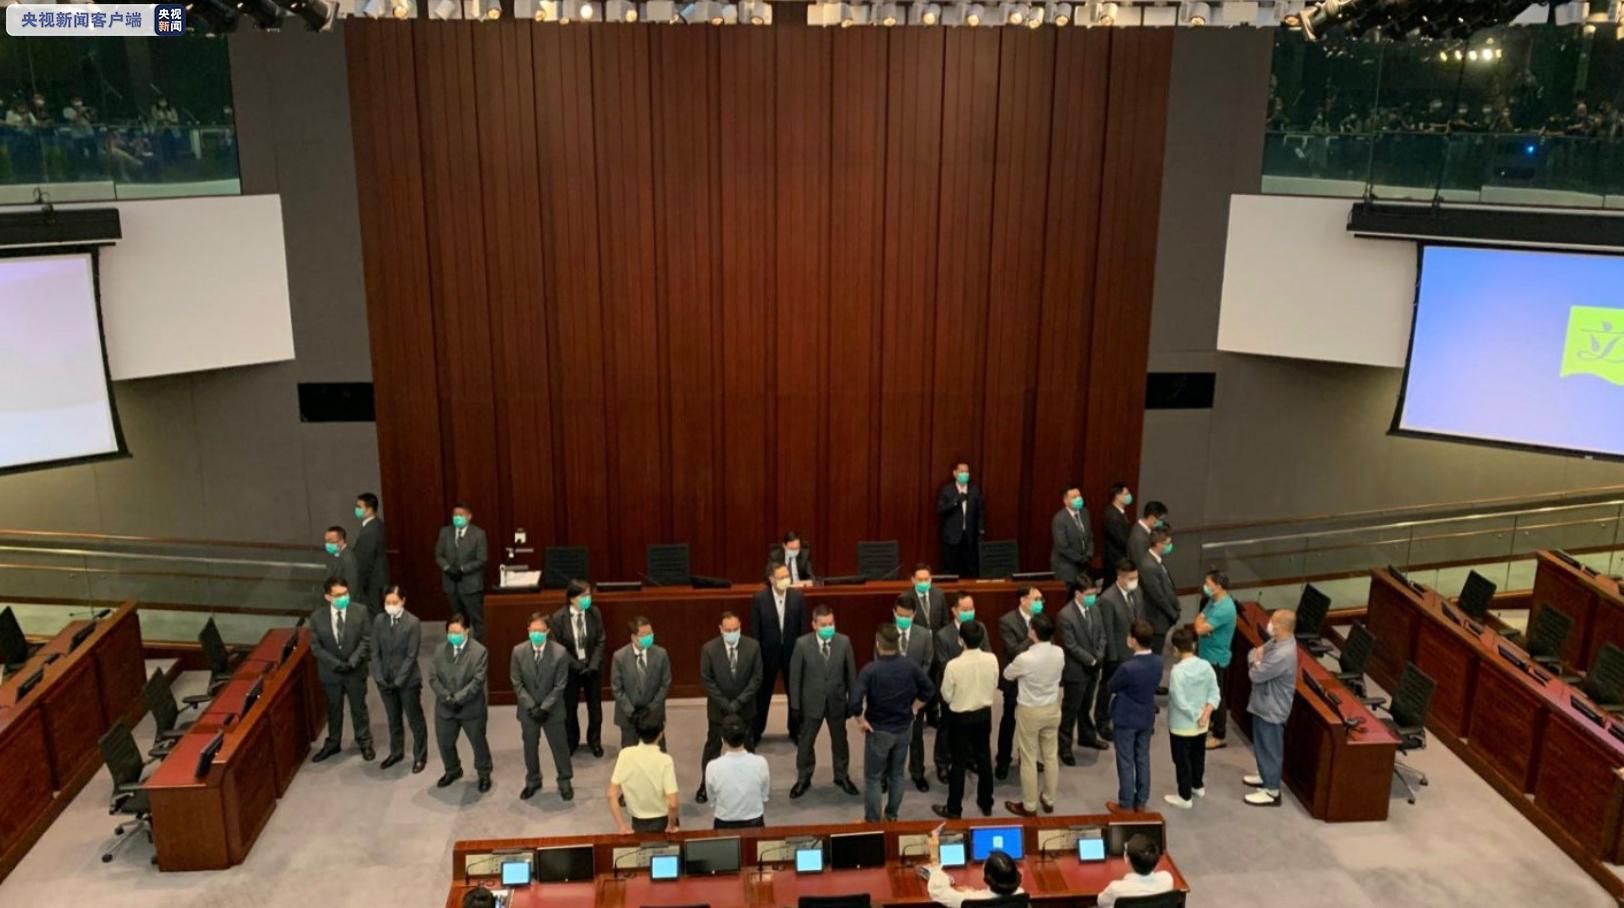 赢咖3主管:港立法会内务委赢咖3主管员会主图片